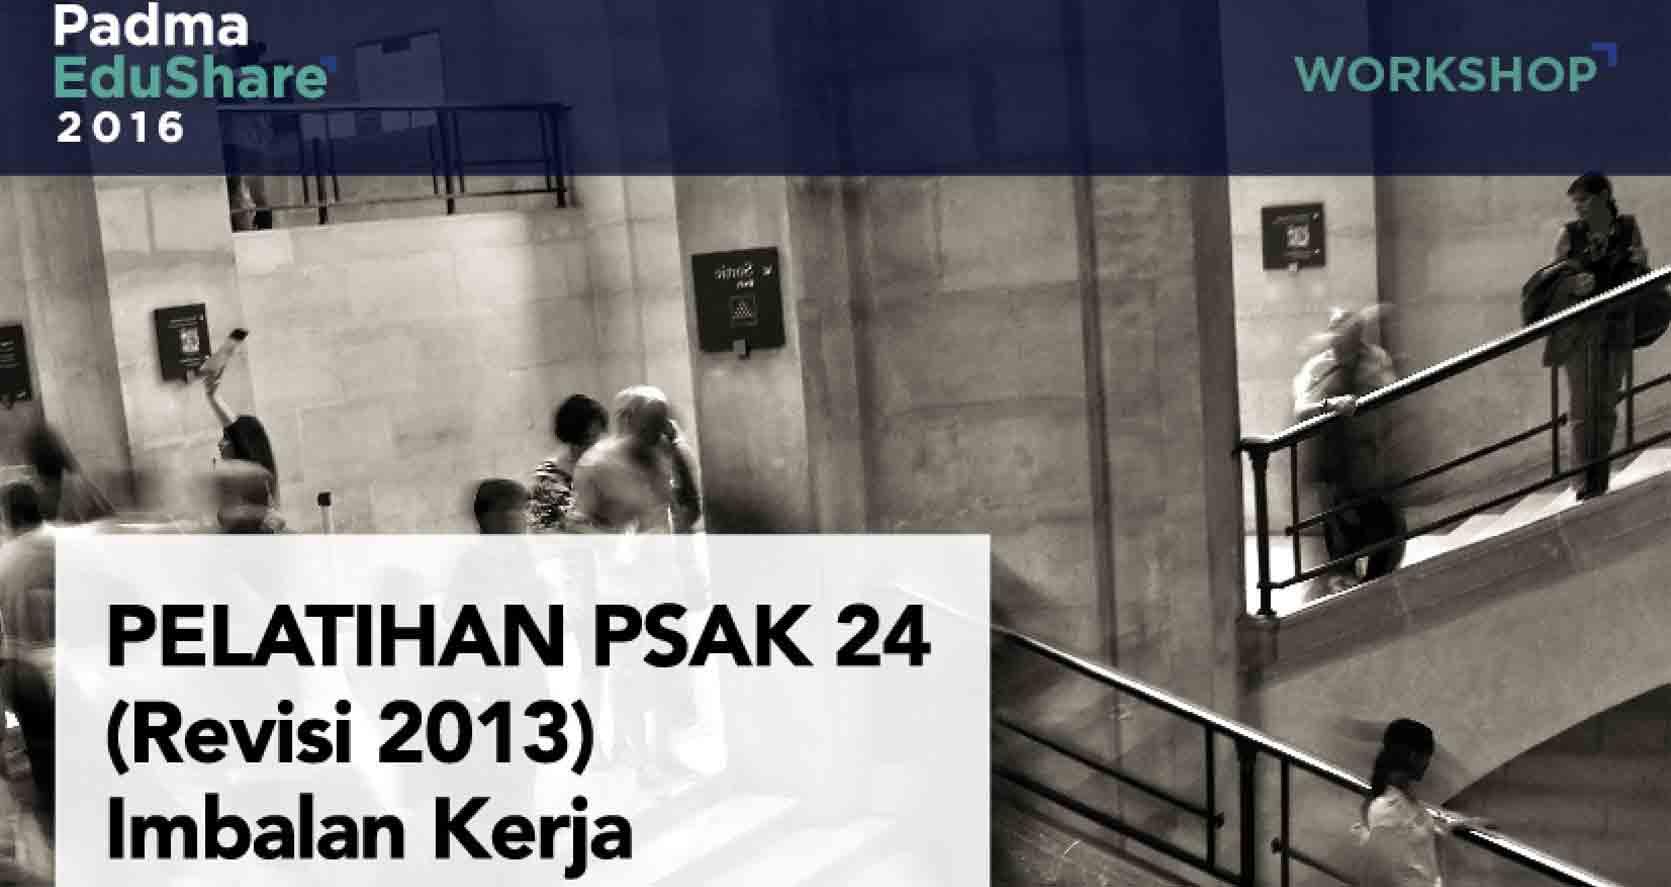 Imbalan-Kerja-Padma-Radya-Aktuaria-Konsultan-Aktuaria-Actuary-Consulting-In-Indonesia